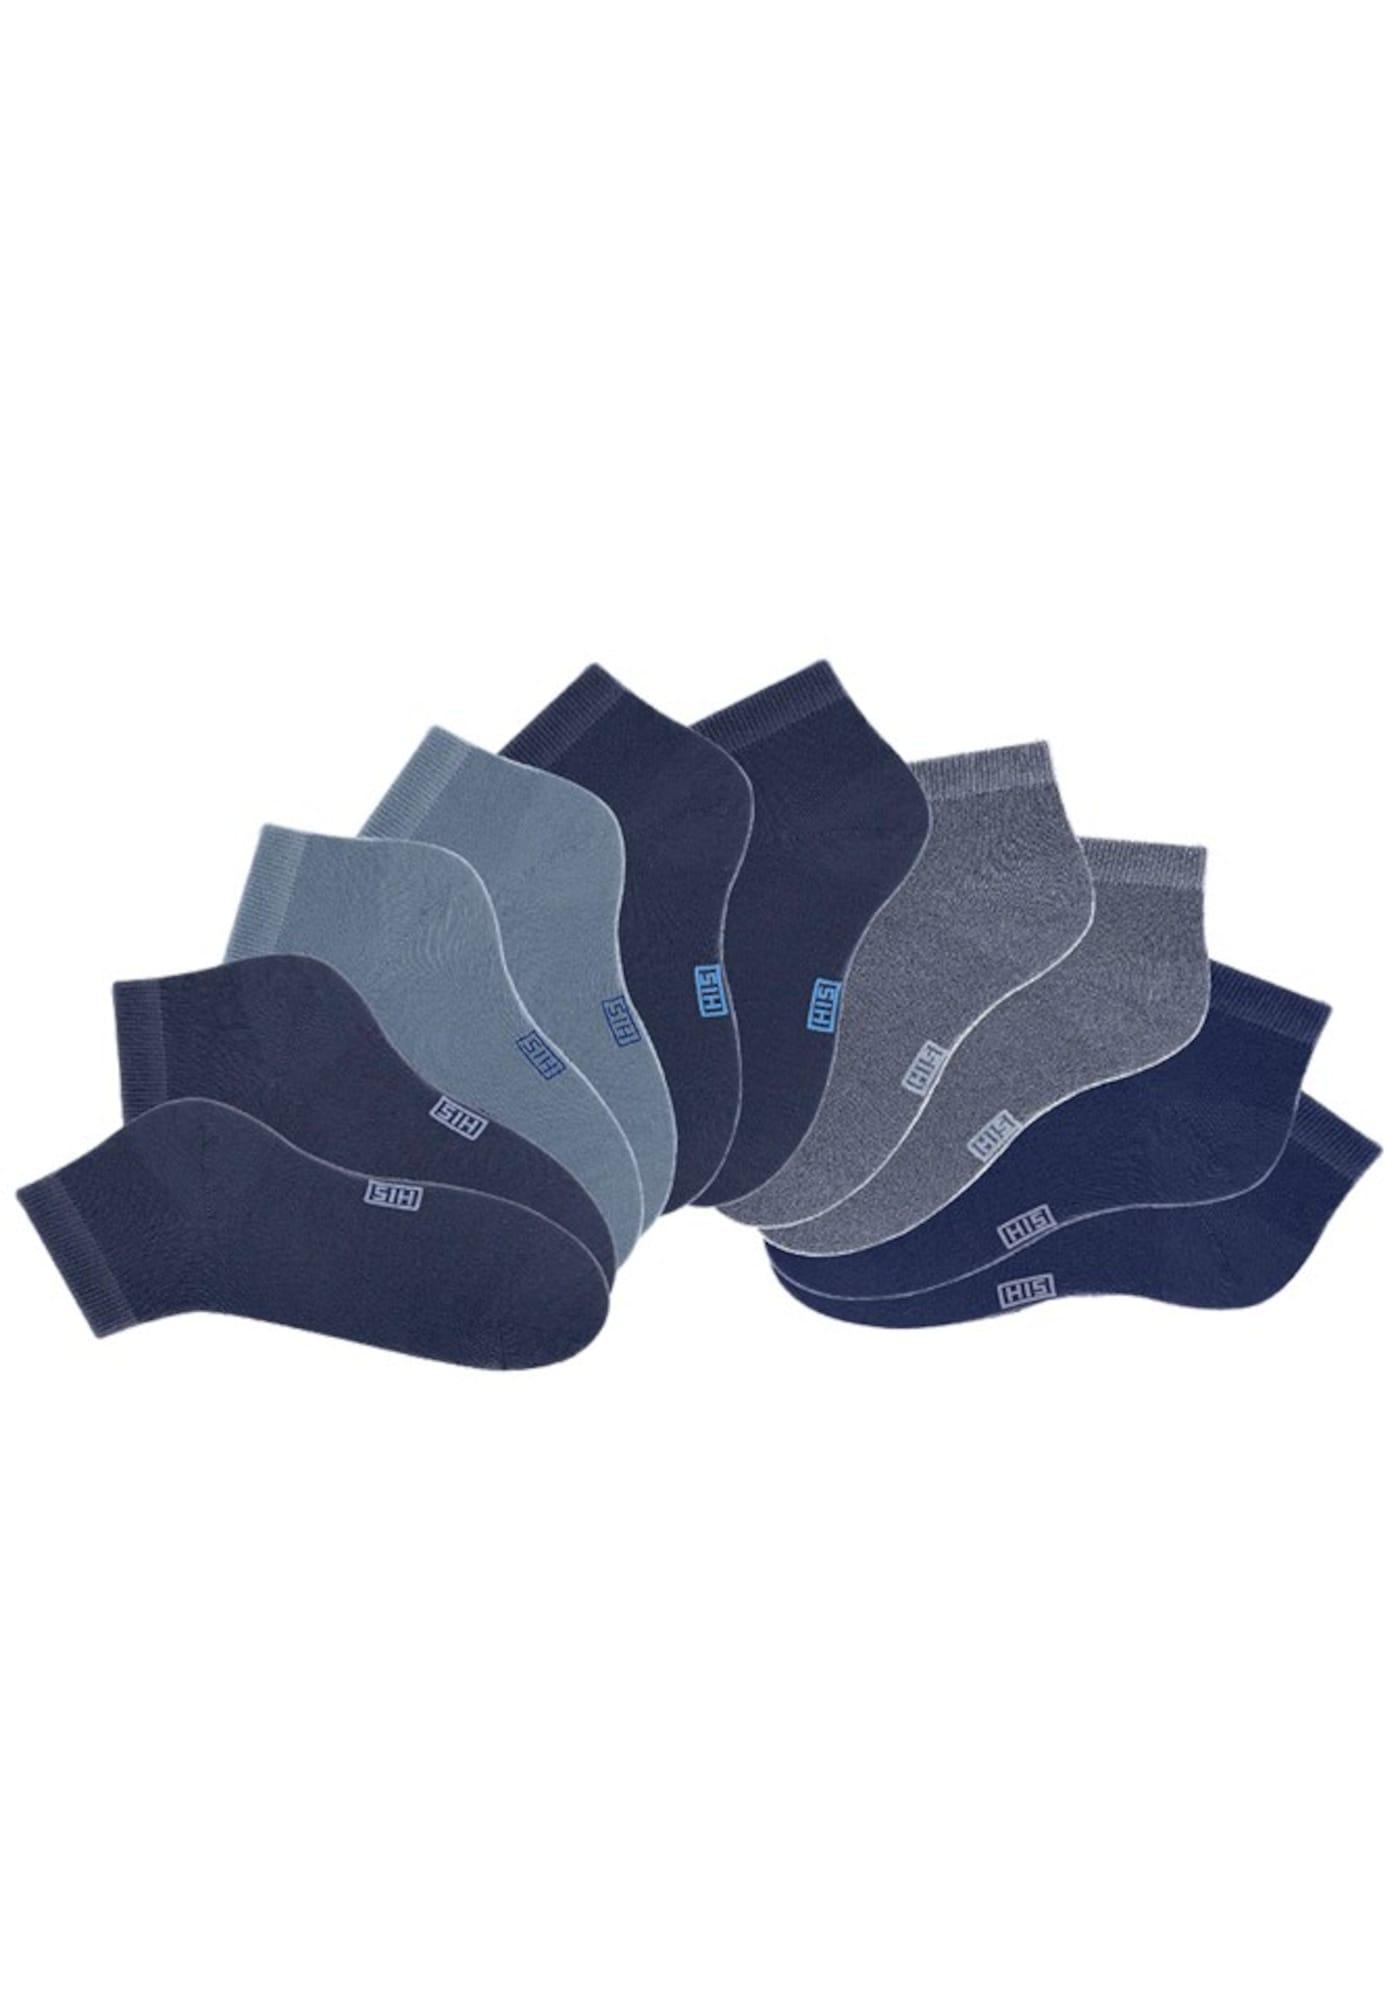 H.I.S Kojinės tamsiai mėlyna jūros spalva / mėlyna dūmų spalva / nakties mėlyna / šviesiai mėlyna / tamsiai mėlyna